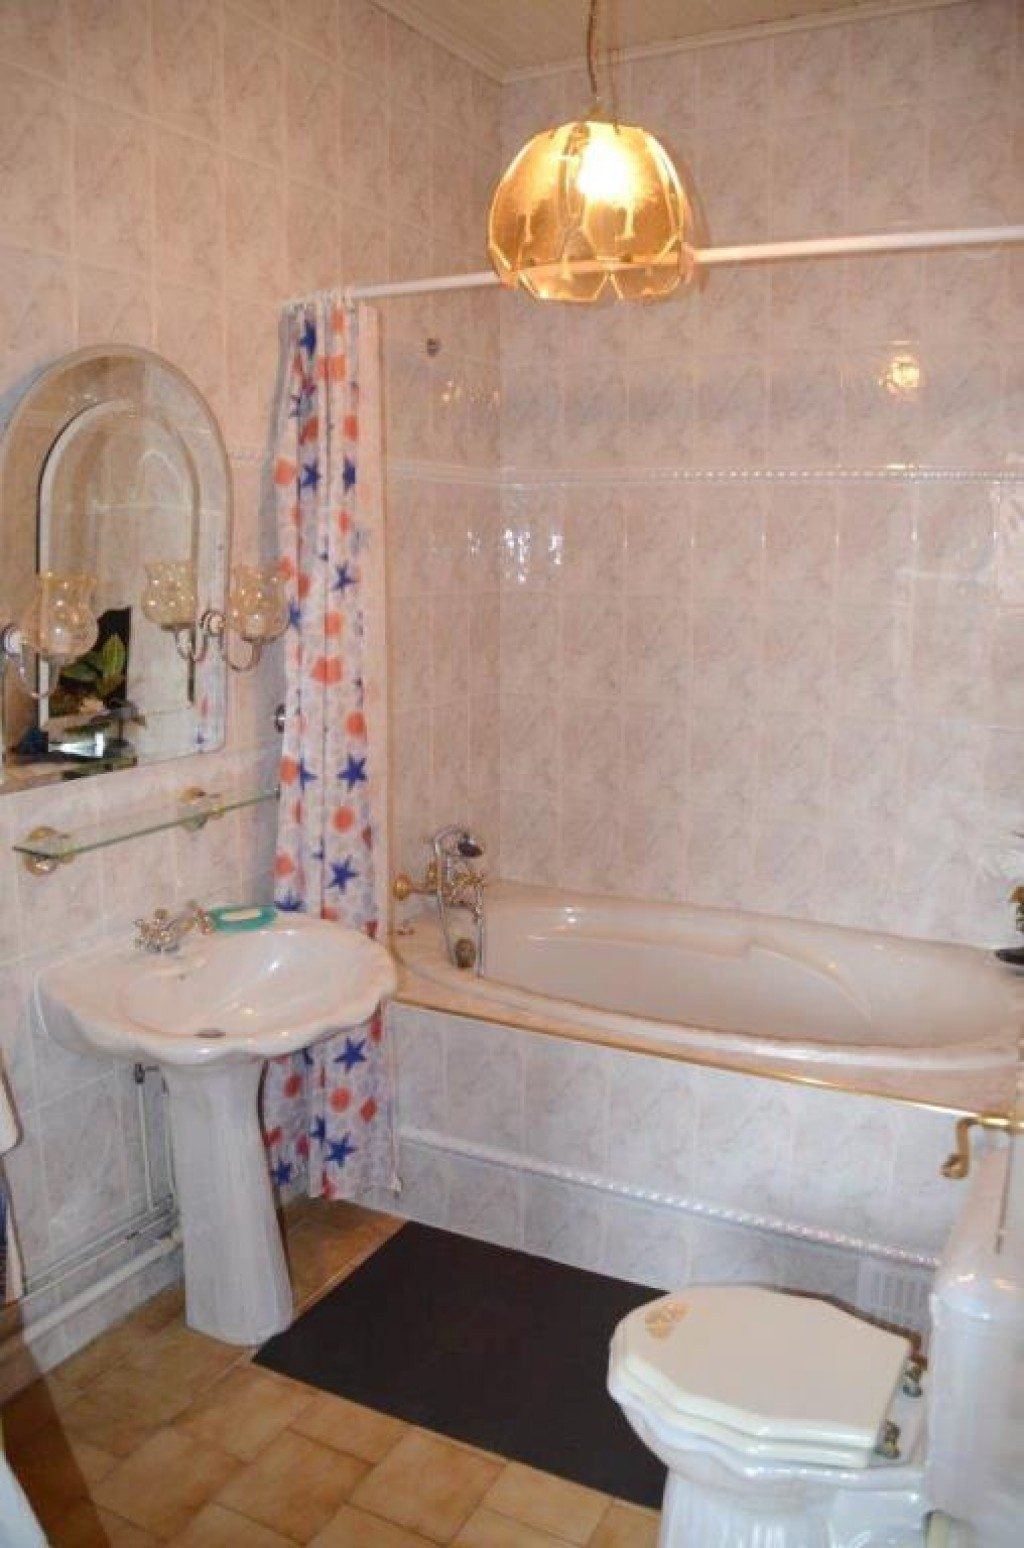 Perpignan Bas Vernet Est, Maison de ville de 170 m² Habitable en R+2 sur 213 de Terrain avec Jardin, ...